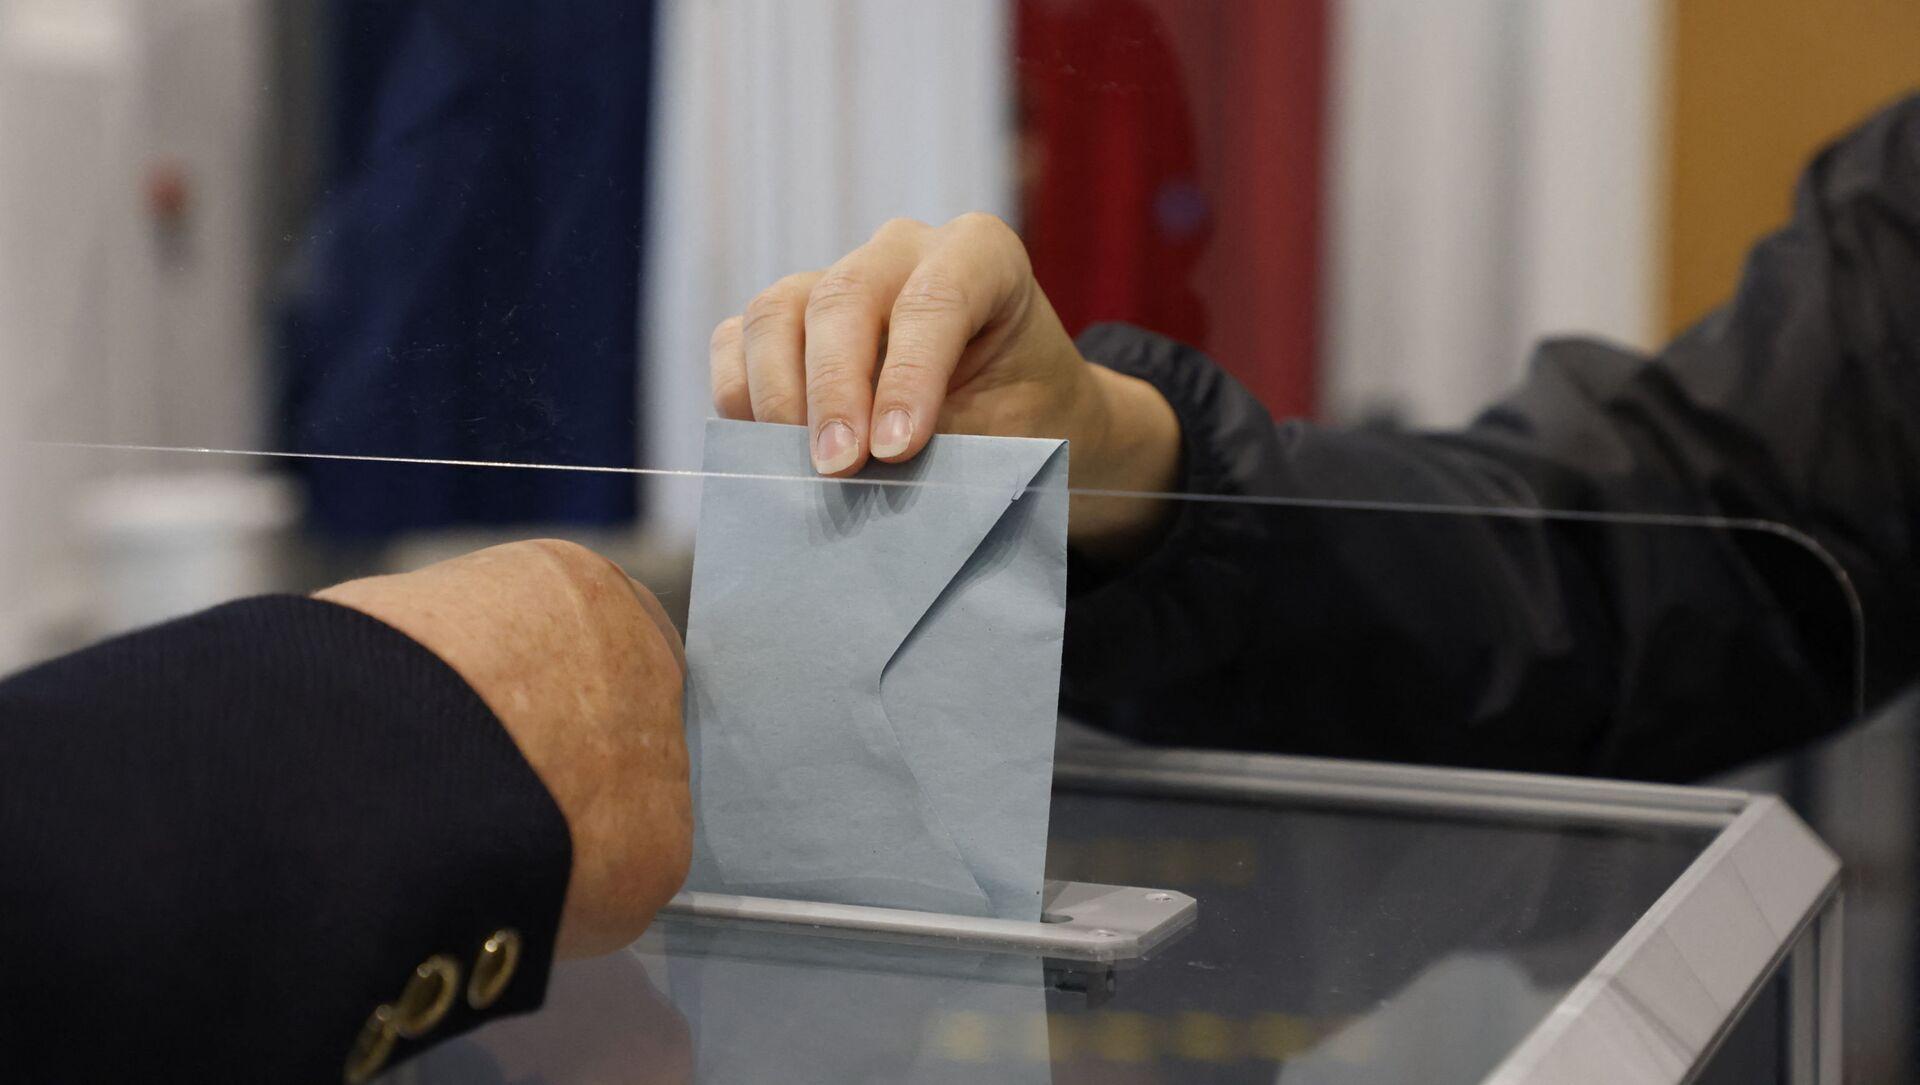 élections régionales 2021 - Sputnik France, 1920, 14.08.2021